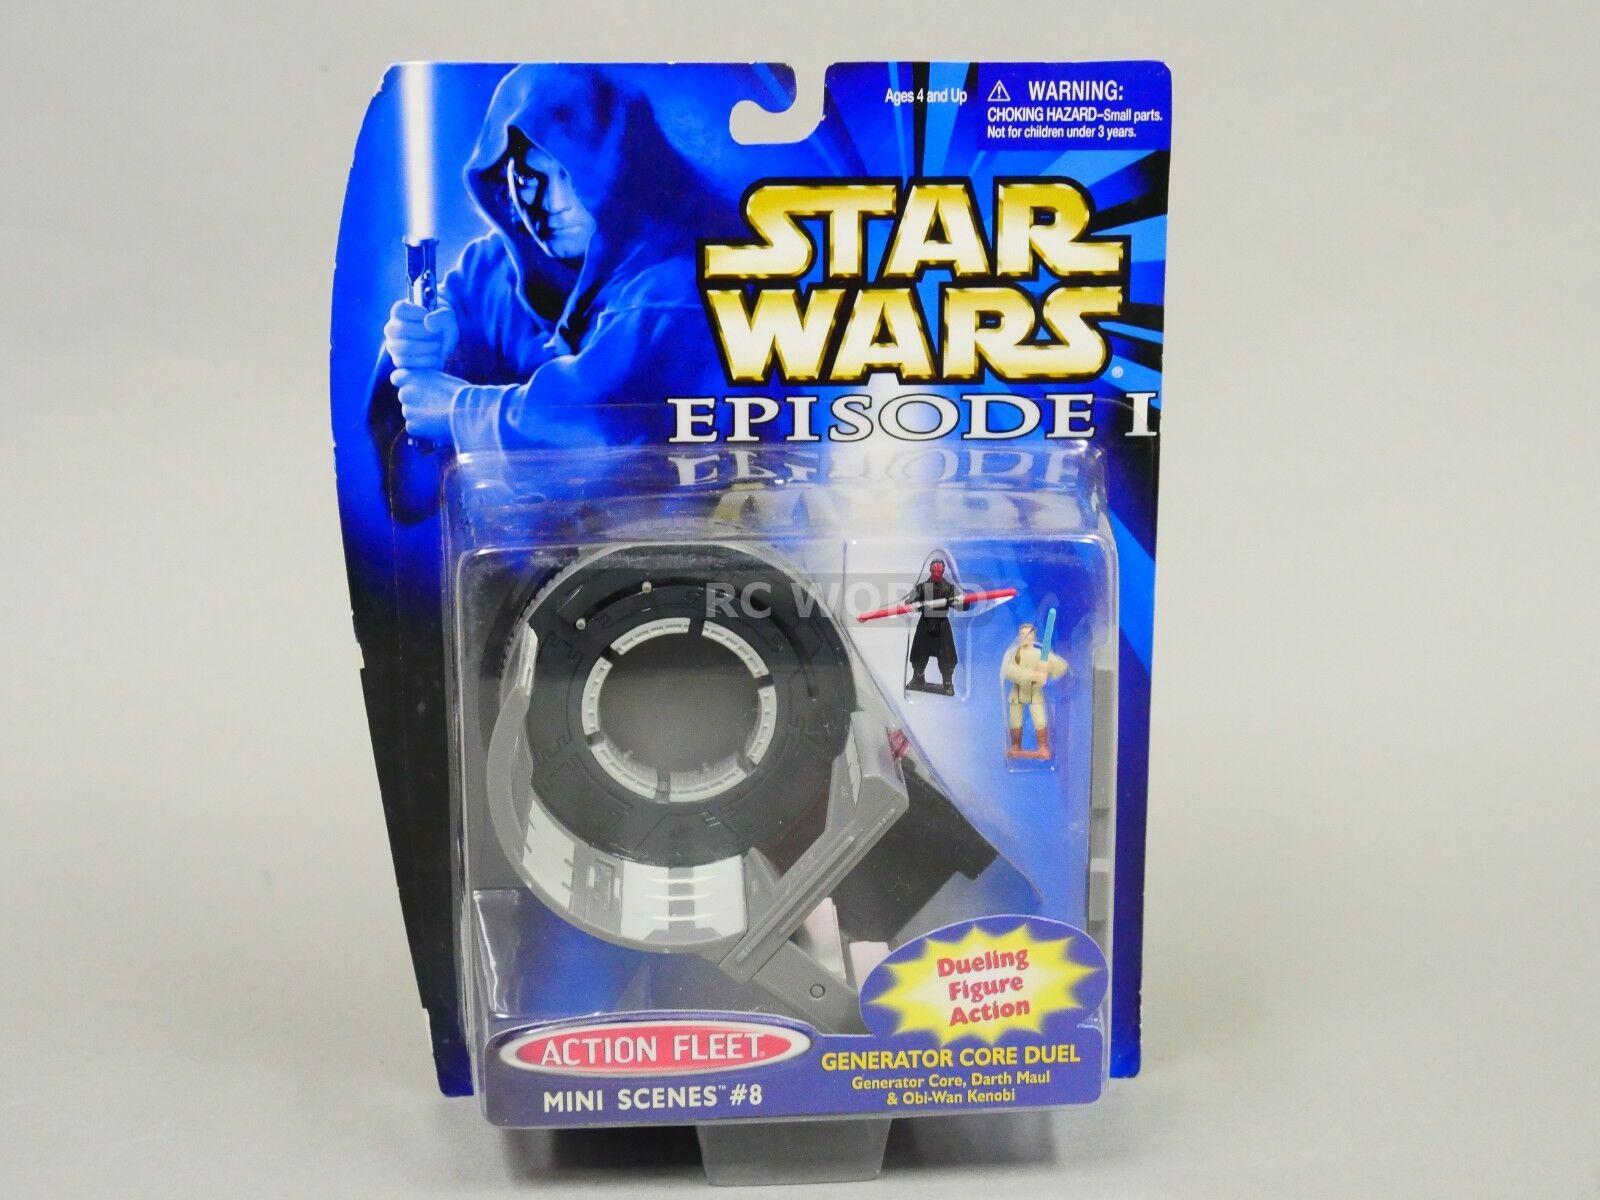 Star Wars Action Fleet Mini Scenes GENERATOR CORE CORE CORE DUEL   f4 cb47f0